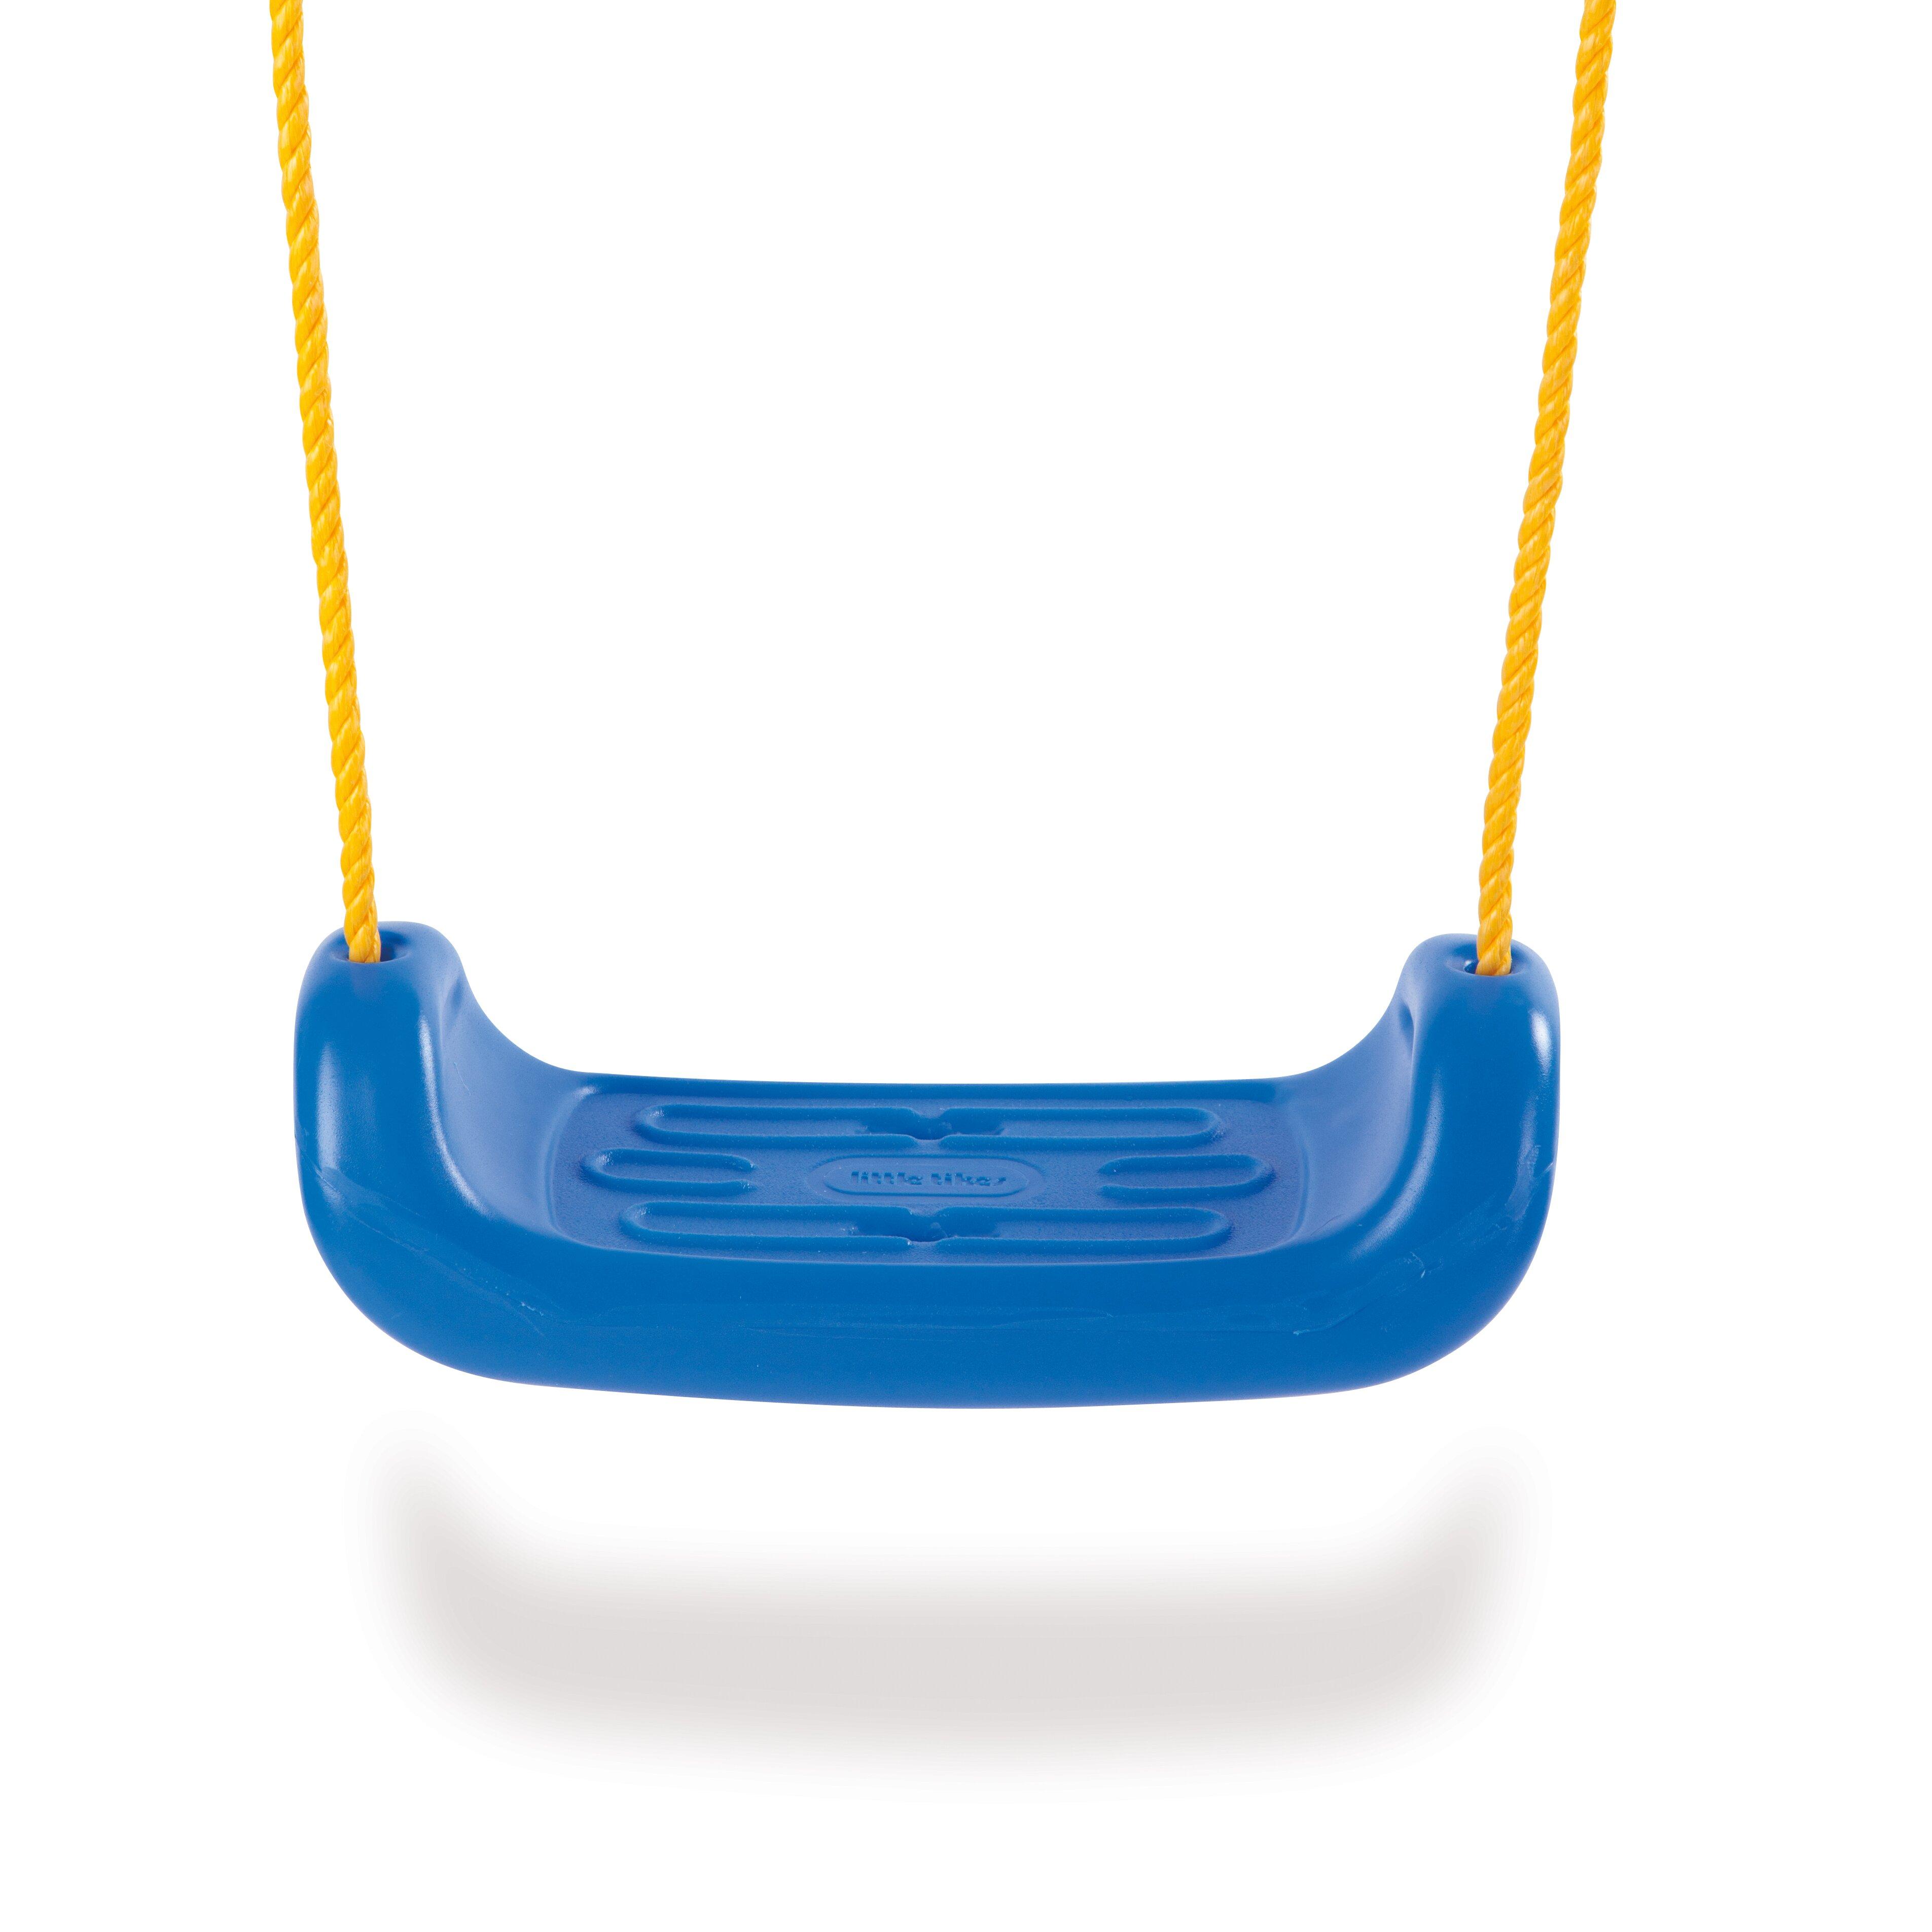 Little Tikes Swing Seat Amp Reviews Wayfair